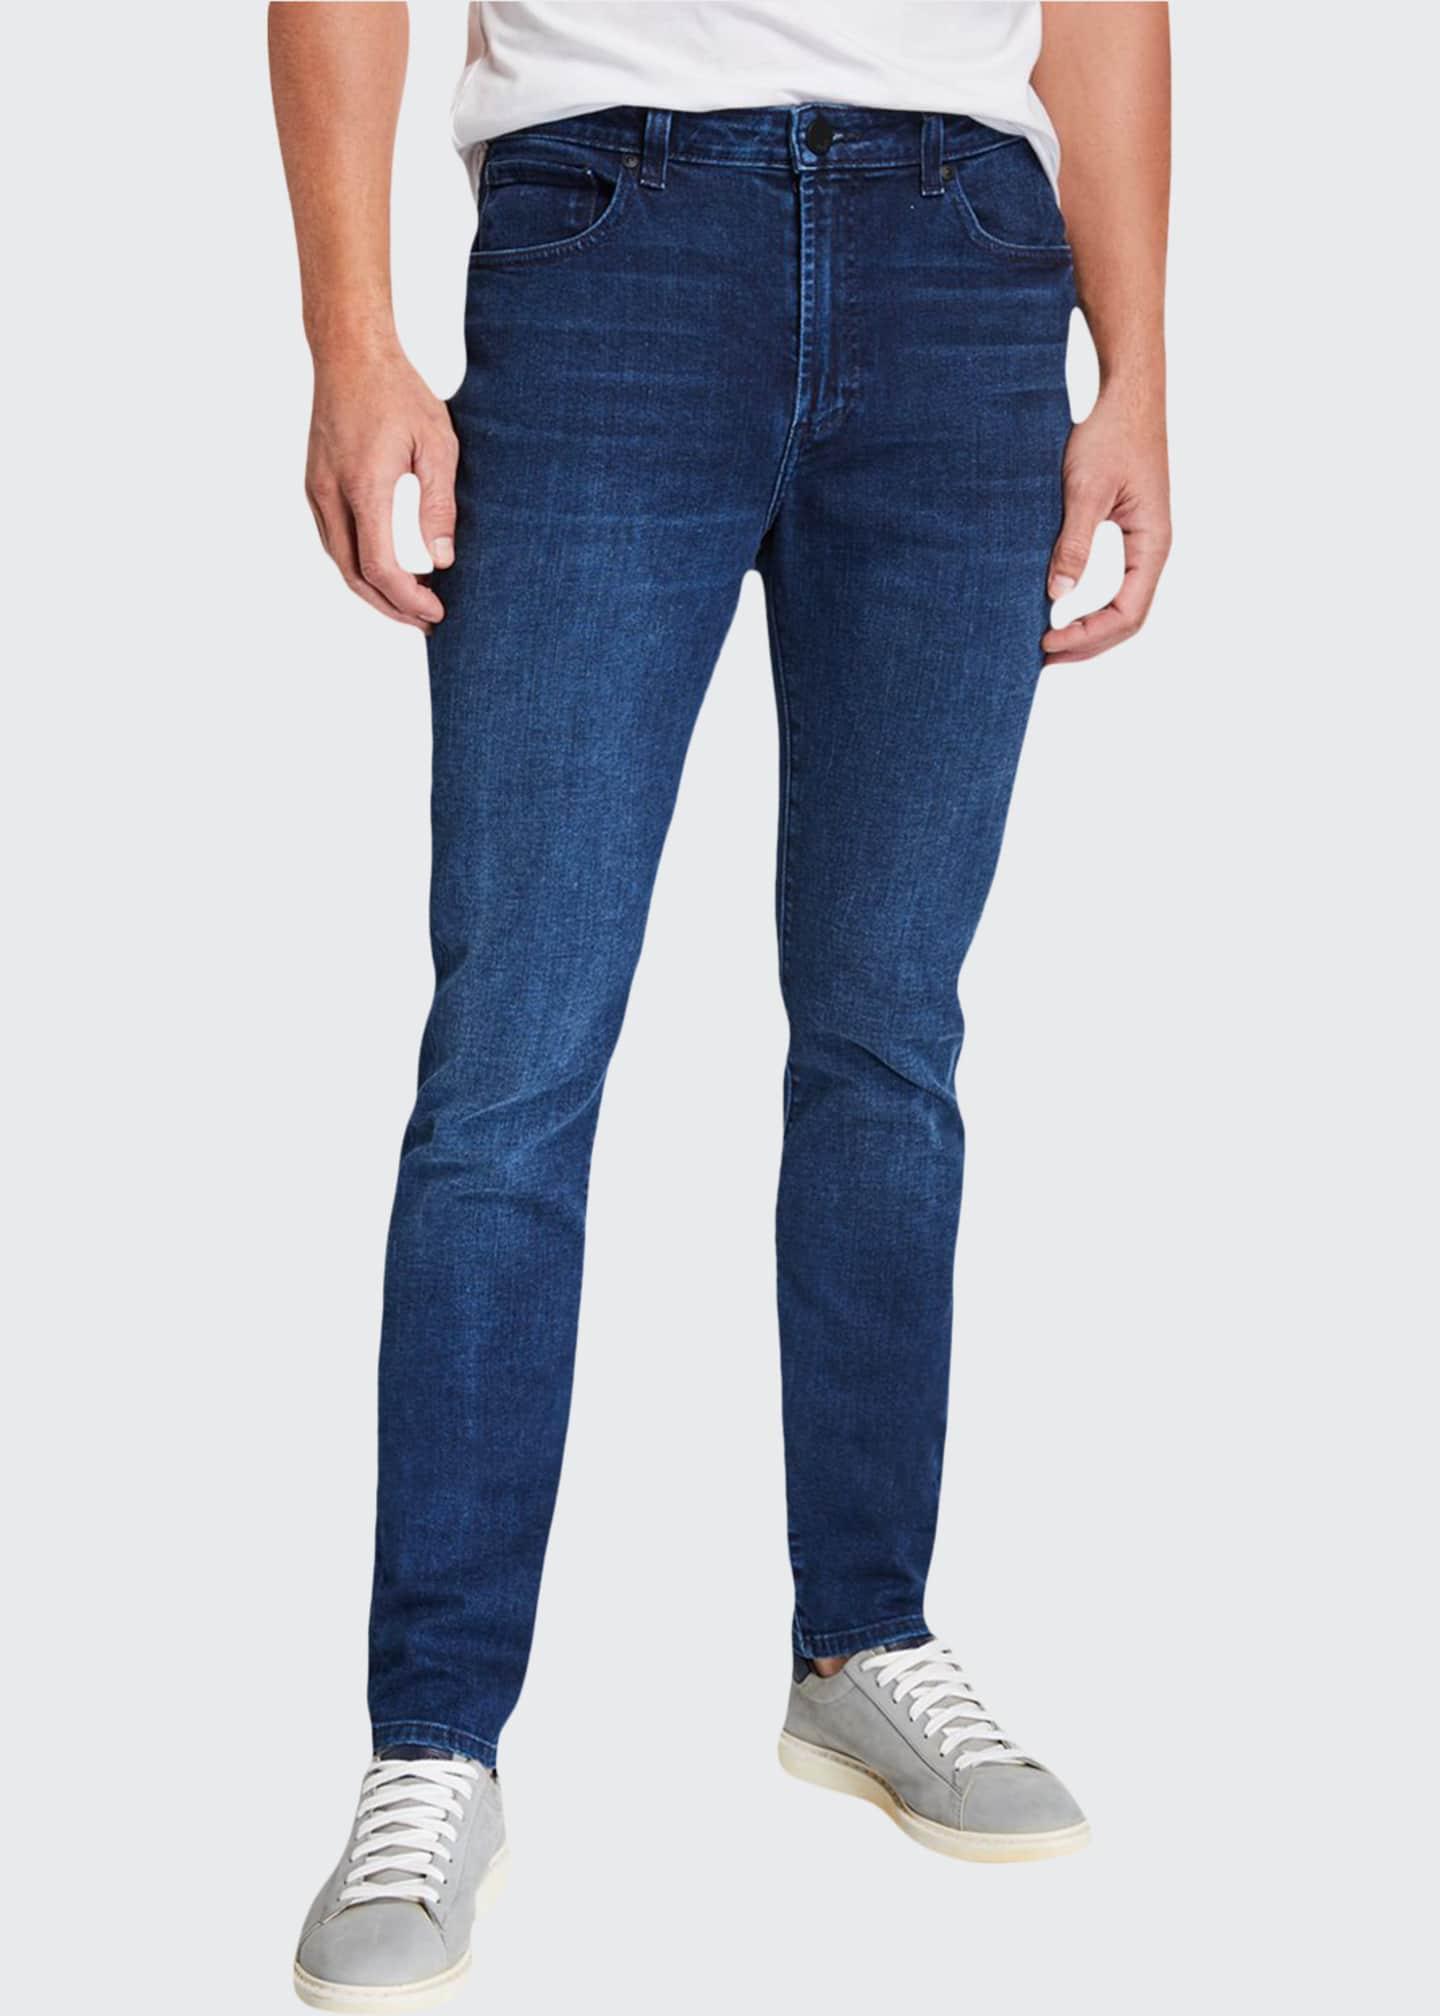 monfrere Men's Straight-Fit Jeans